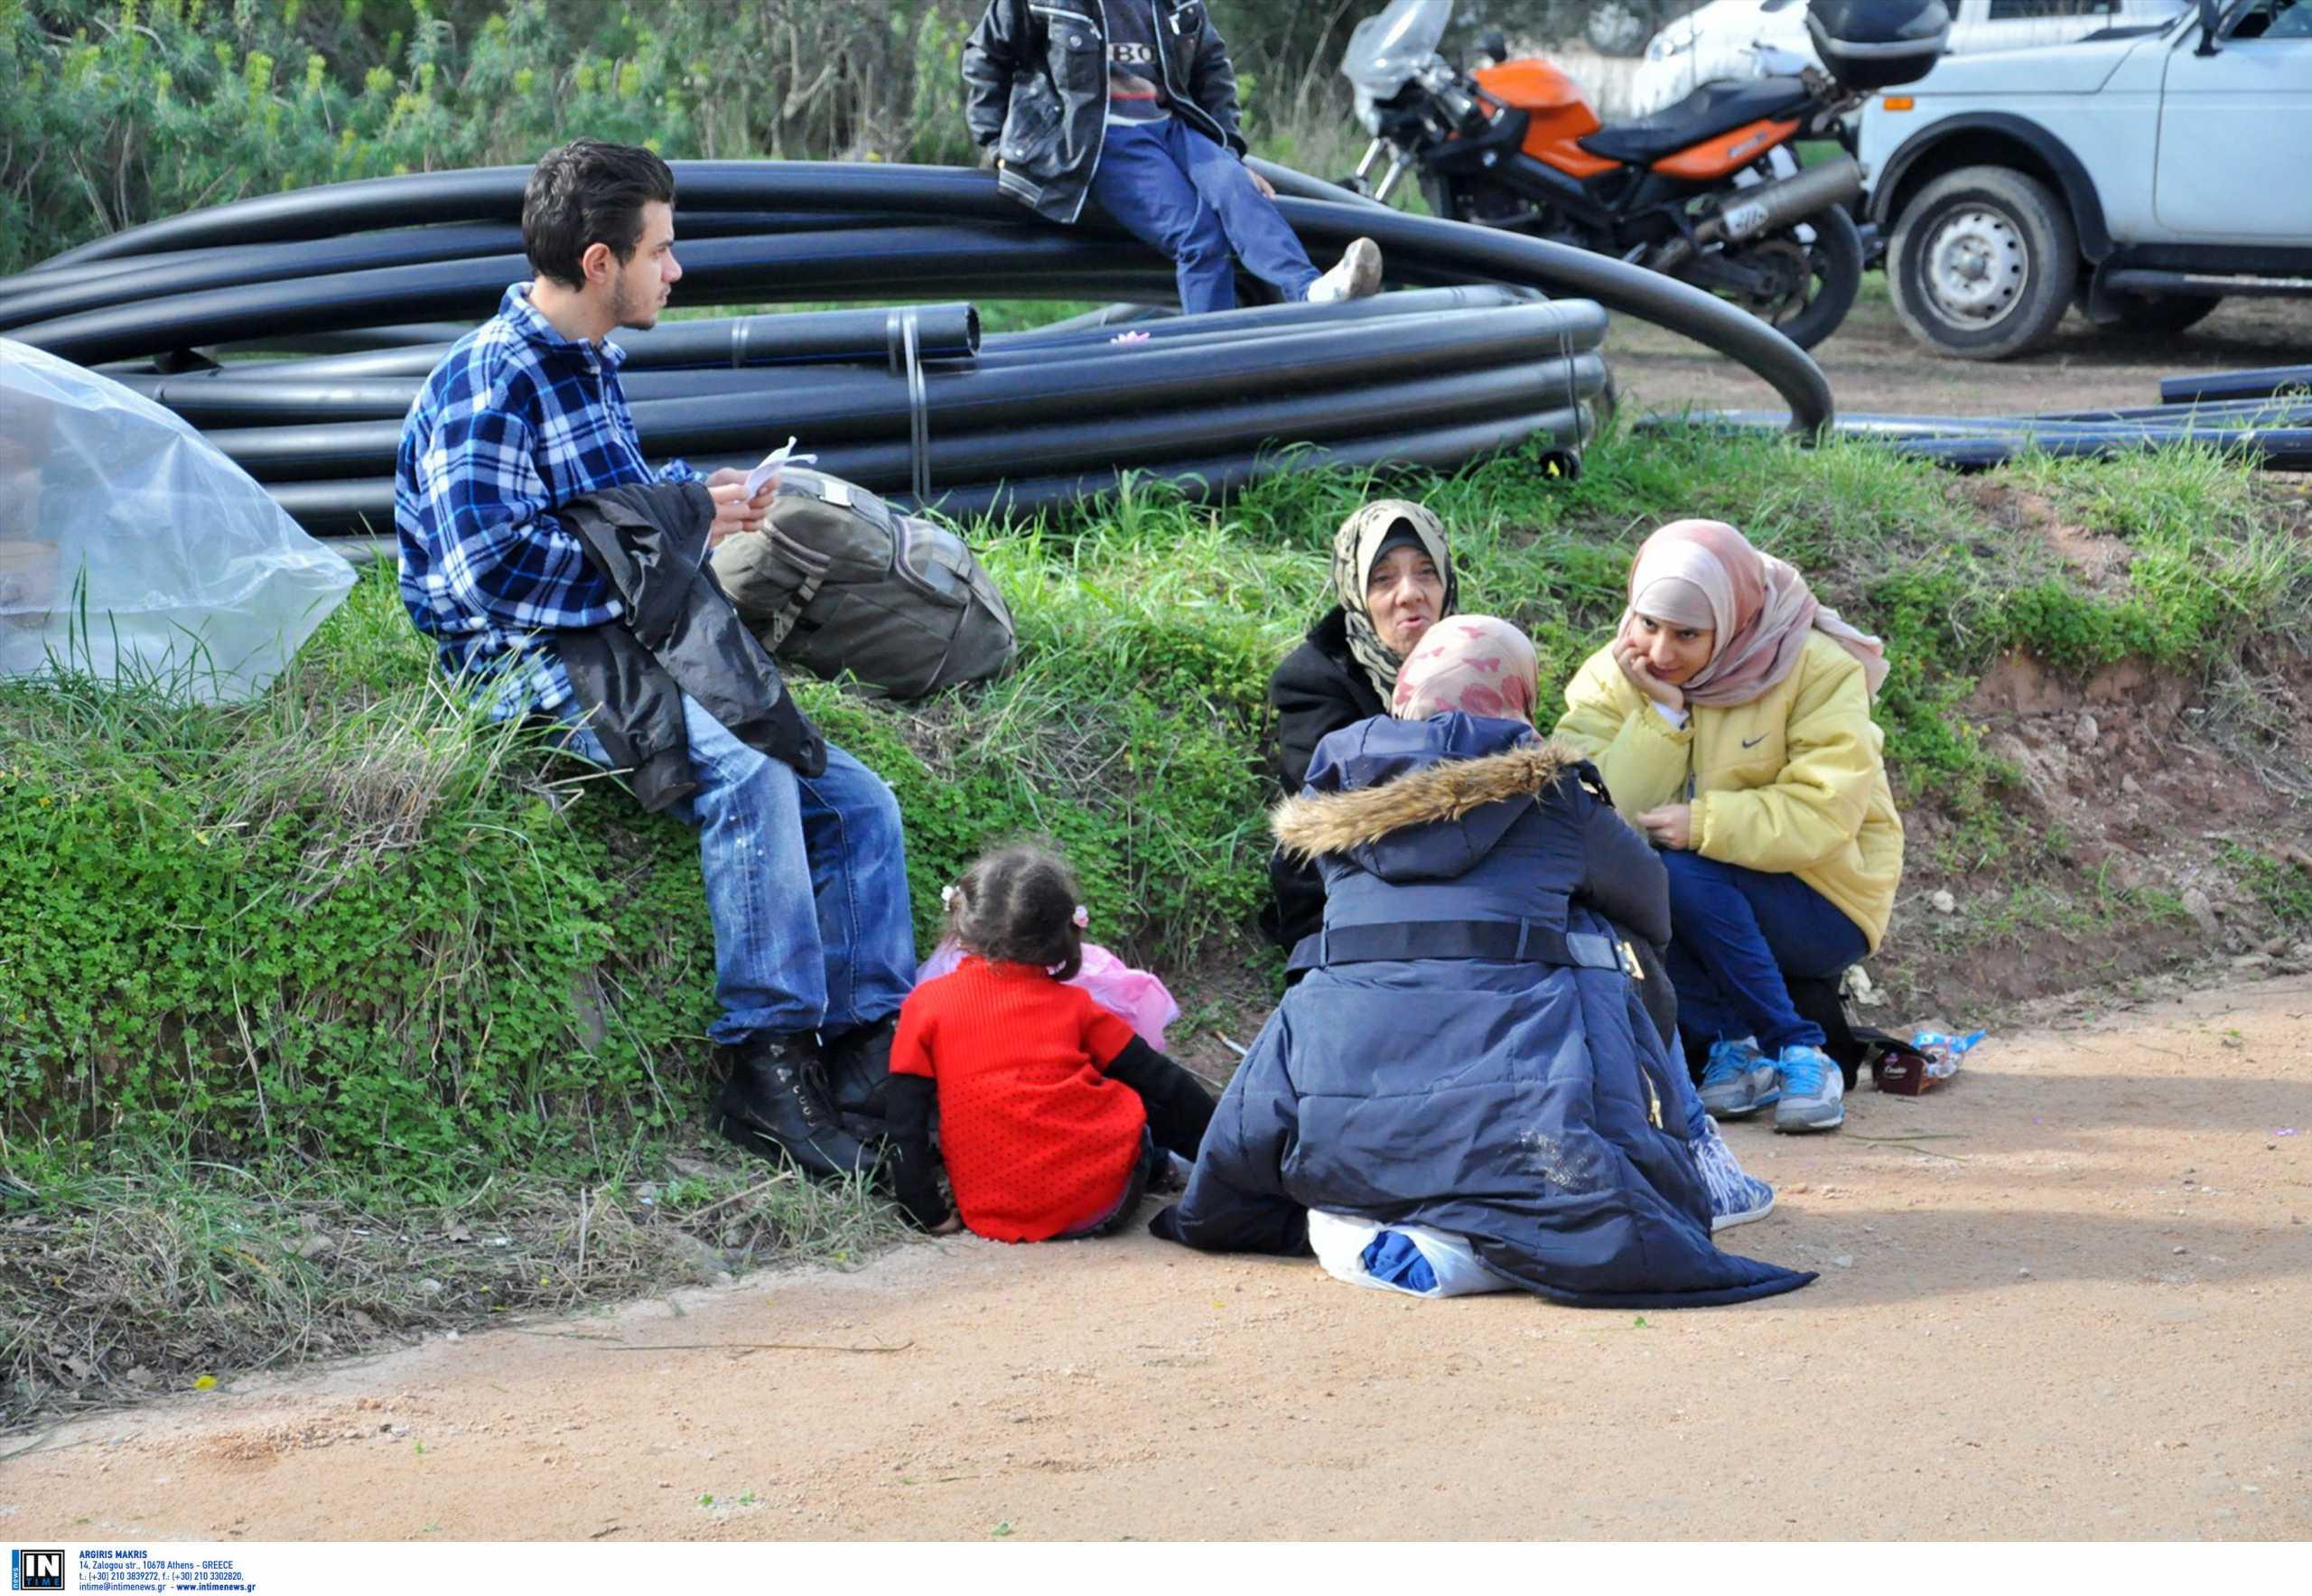 Πρόταση του Ν. Μηταράκη για δημιουργία νέας κλειστής ελεγχόμενης δομής προσφύγων στη Χίο